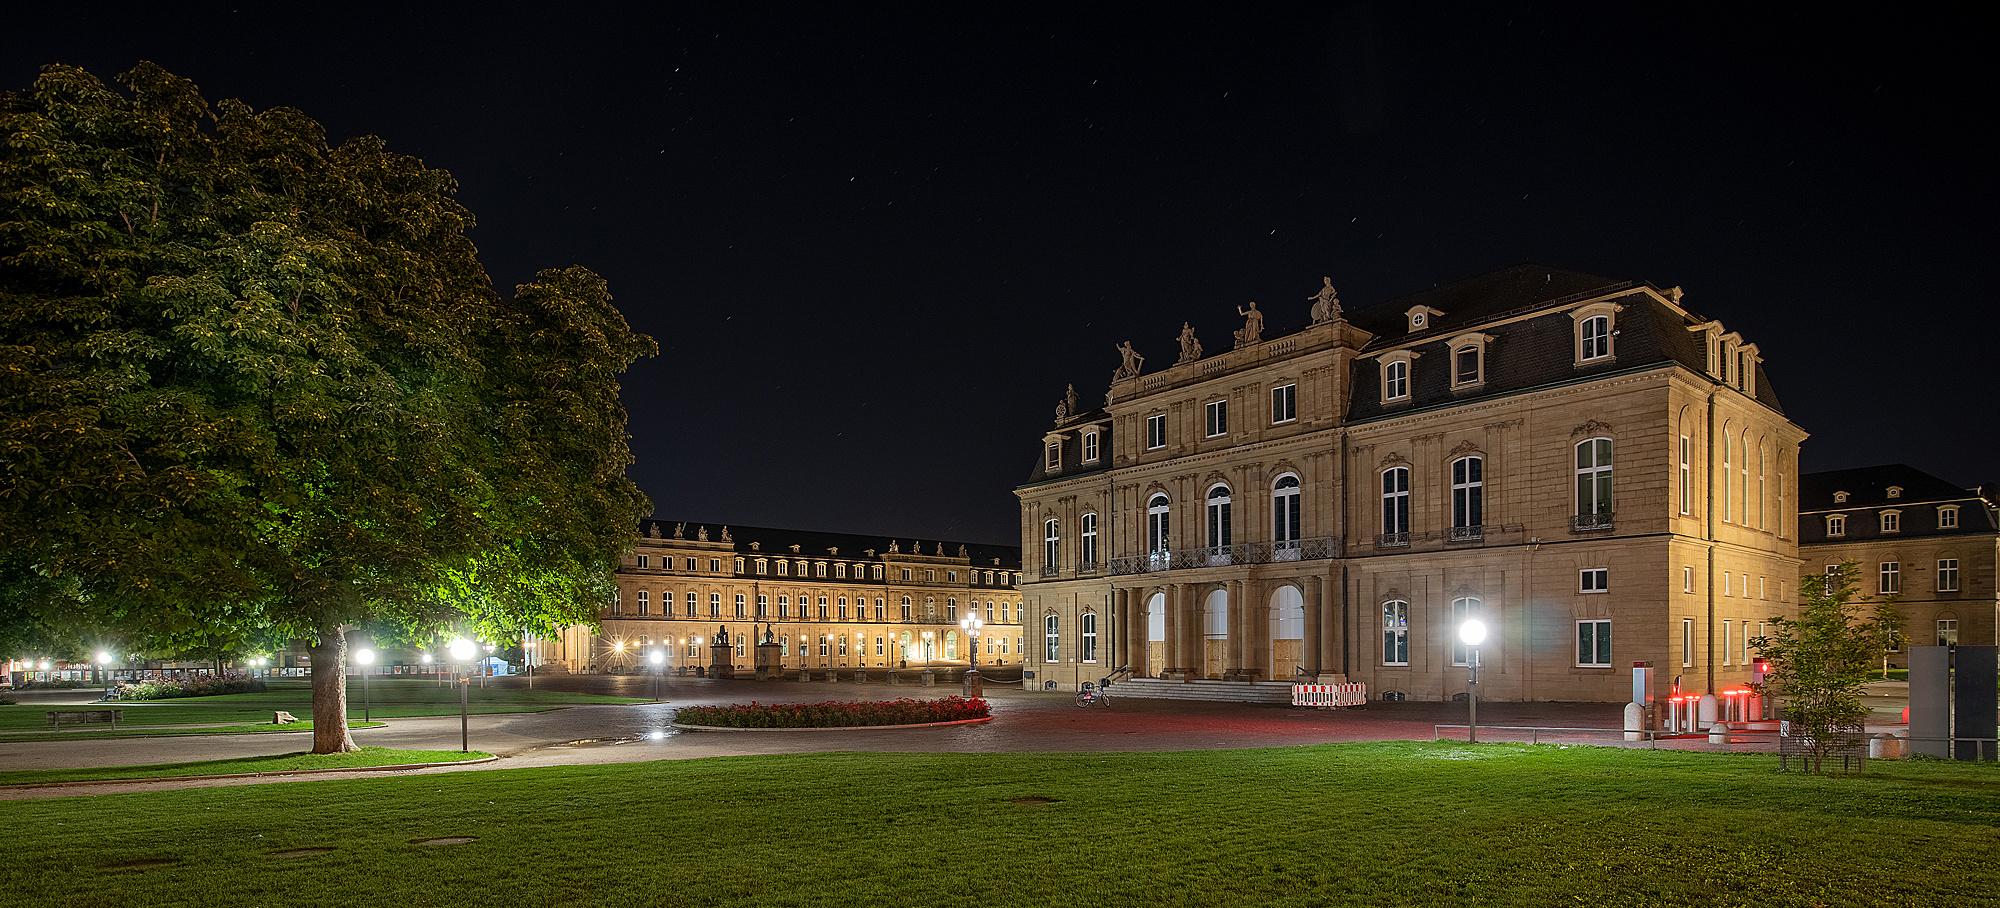 Neues Schloss (32)